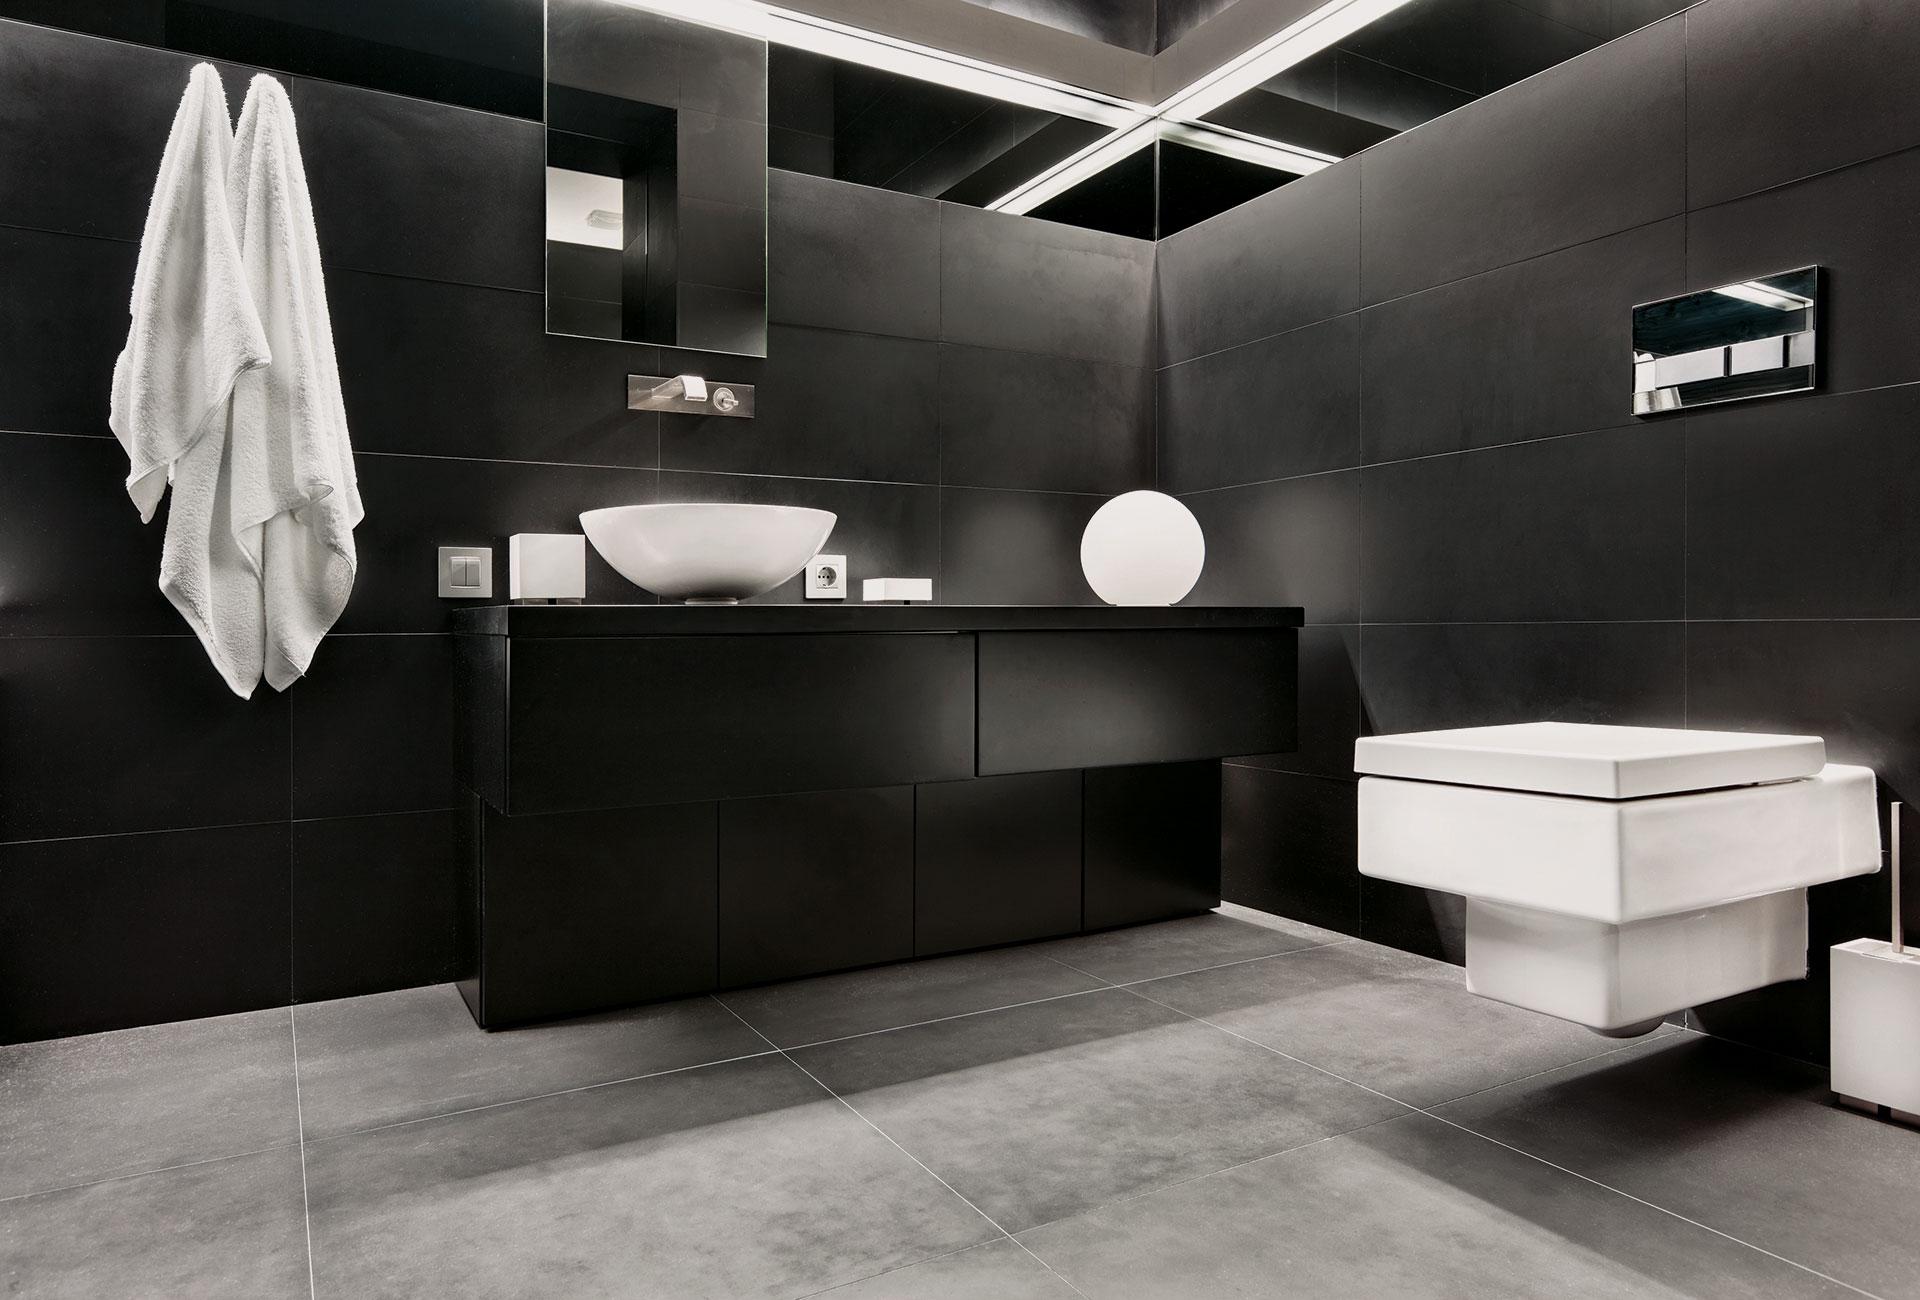 interiores con colores obscuros